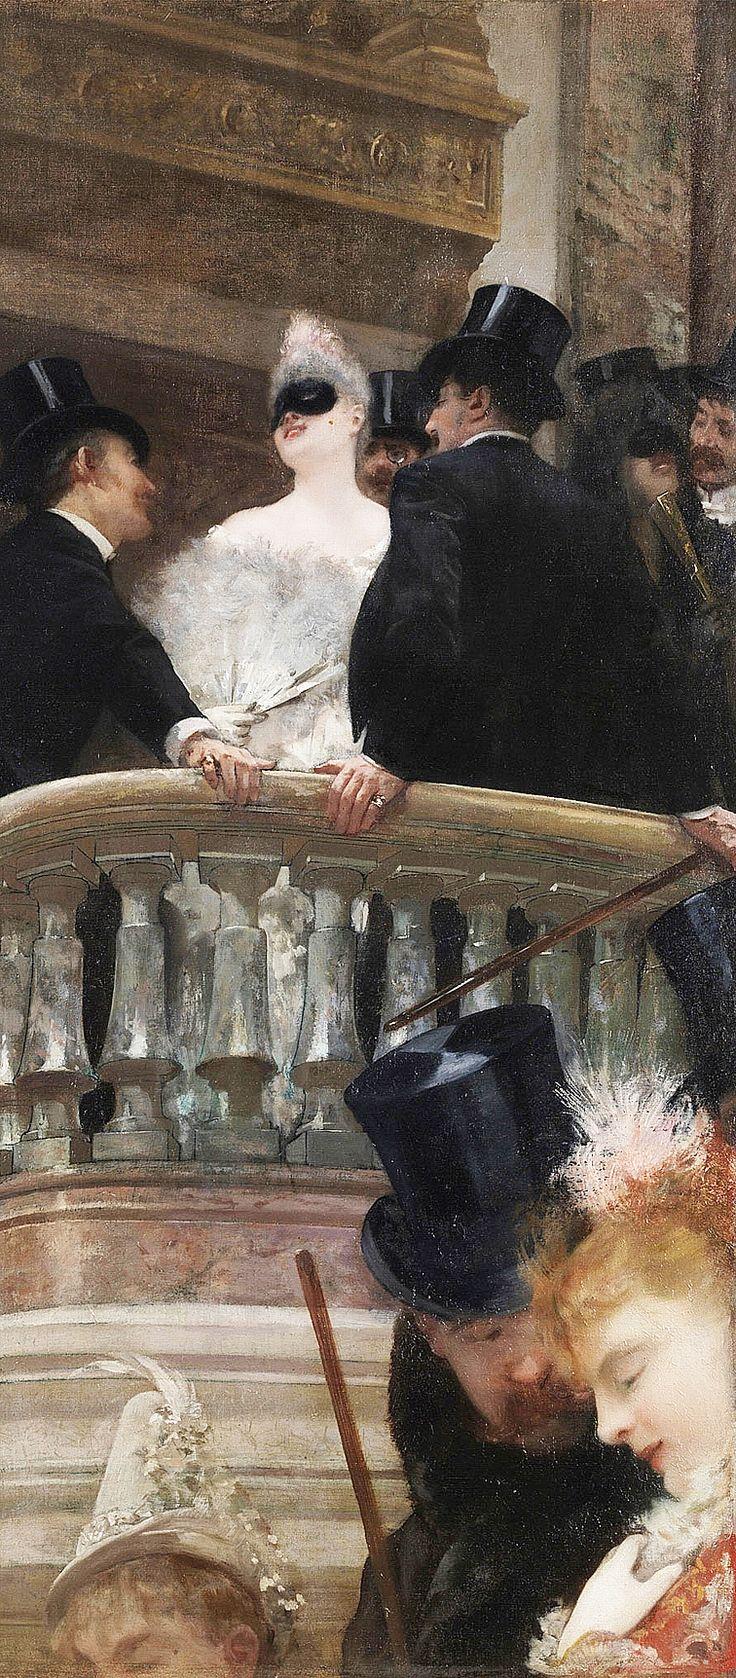 Le Bal de l'Opéra in Paris by Henri Gervex.